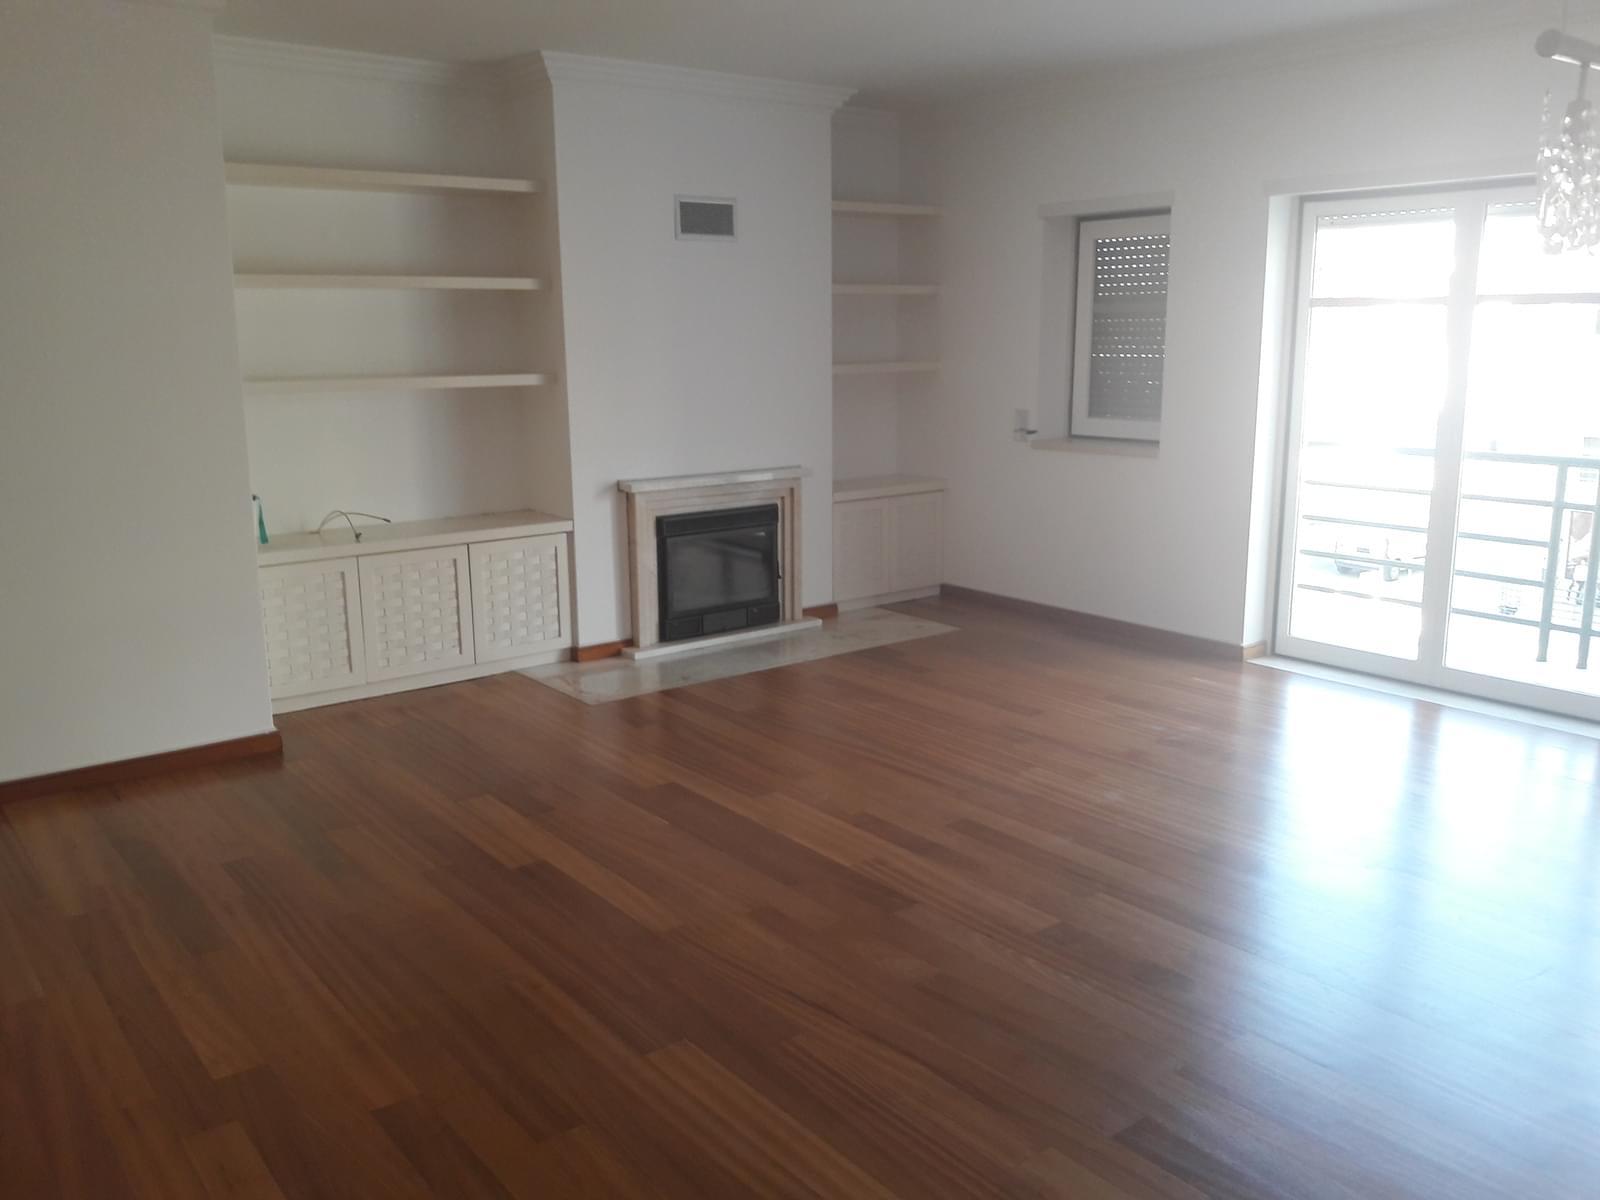 pf18038-apartamento-t3-38293e04-a721-4379-8001-15c0129df955